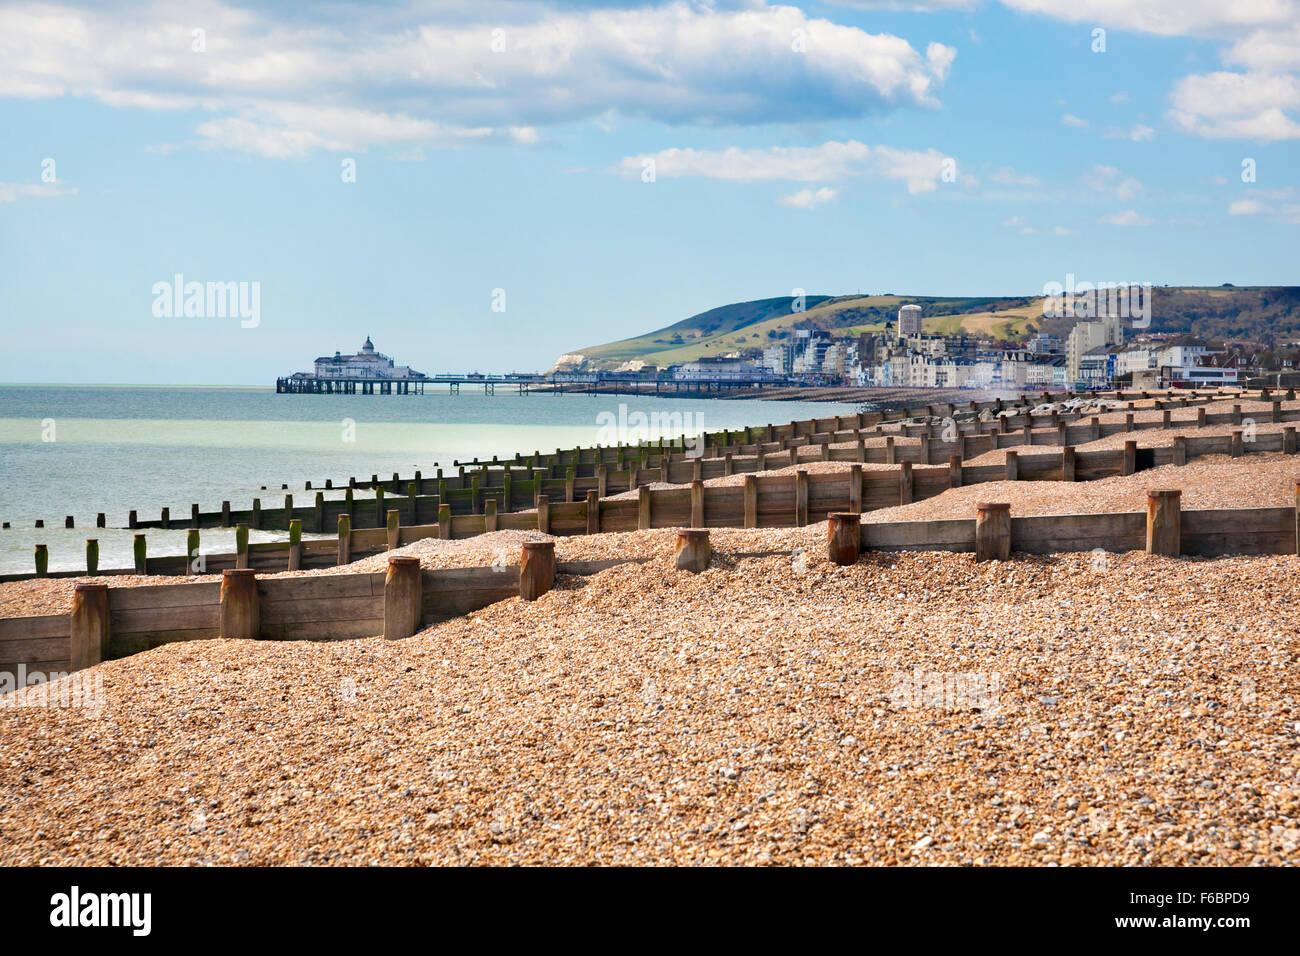 Ansicht von Eastbourne Pier und Beachy Head Klippen in der Ferne, Eastbourne, Großbritannien Stockfoto